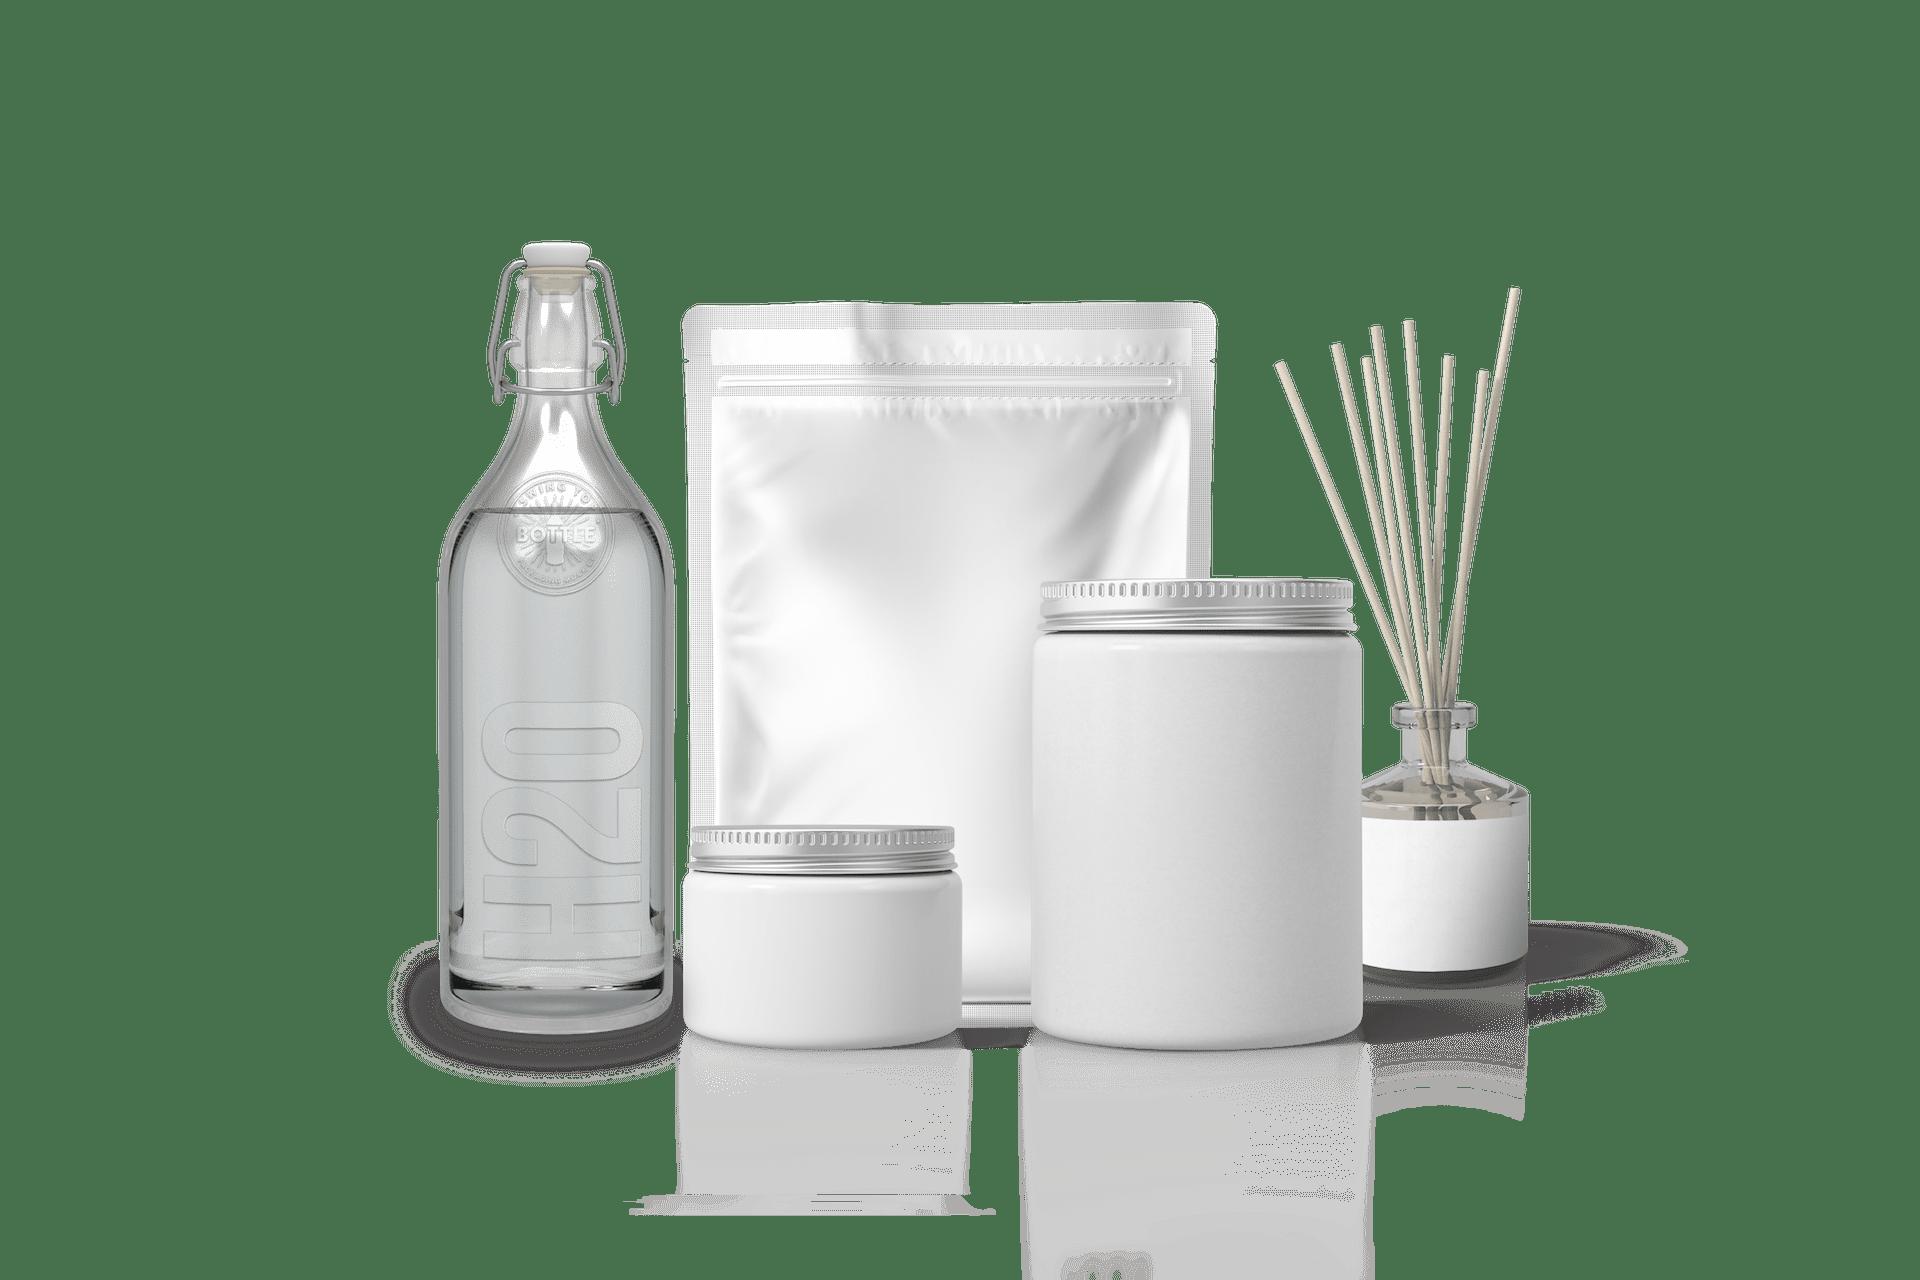 minuteman Leistungen - farbloses Bild - Produktdesign und Verpackungsdesign